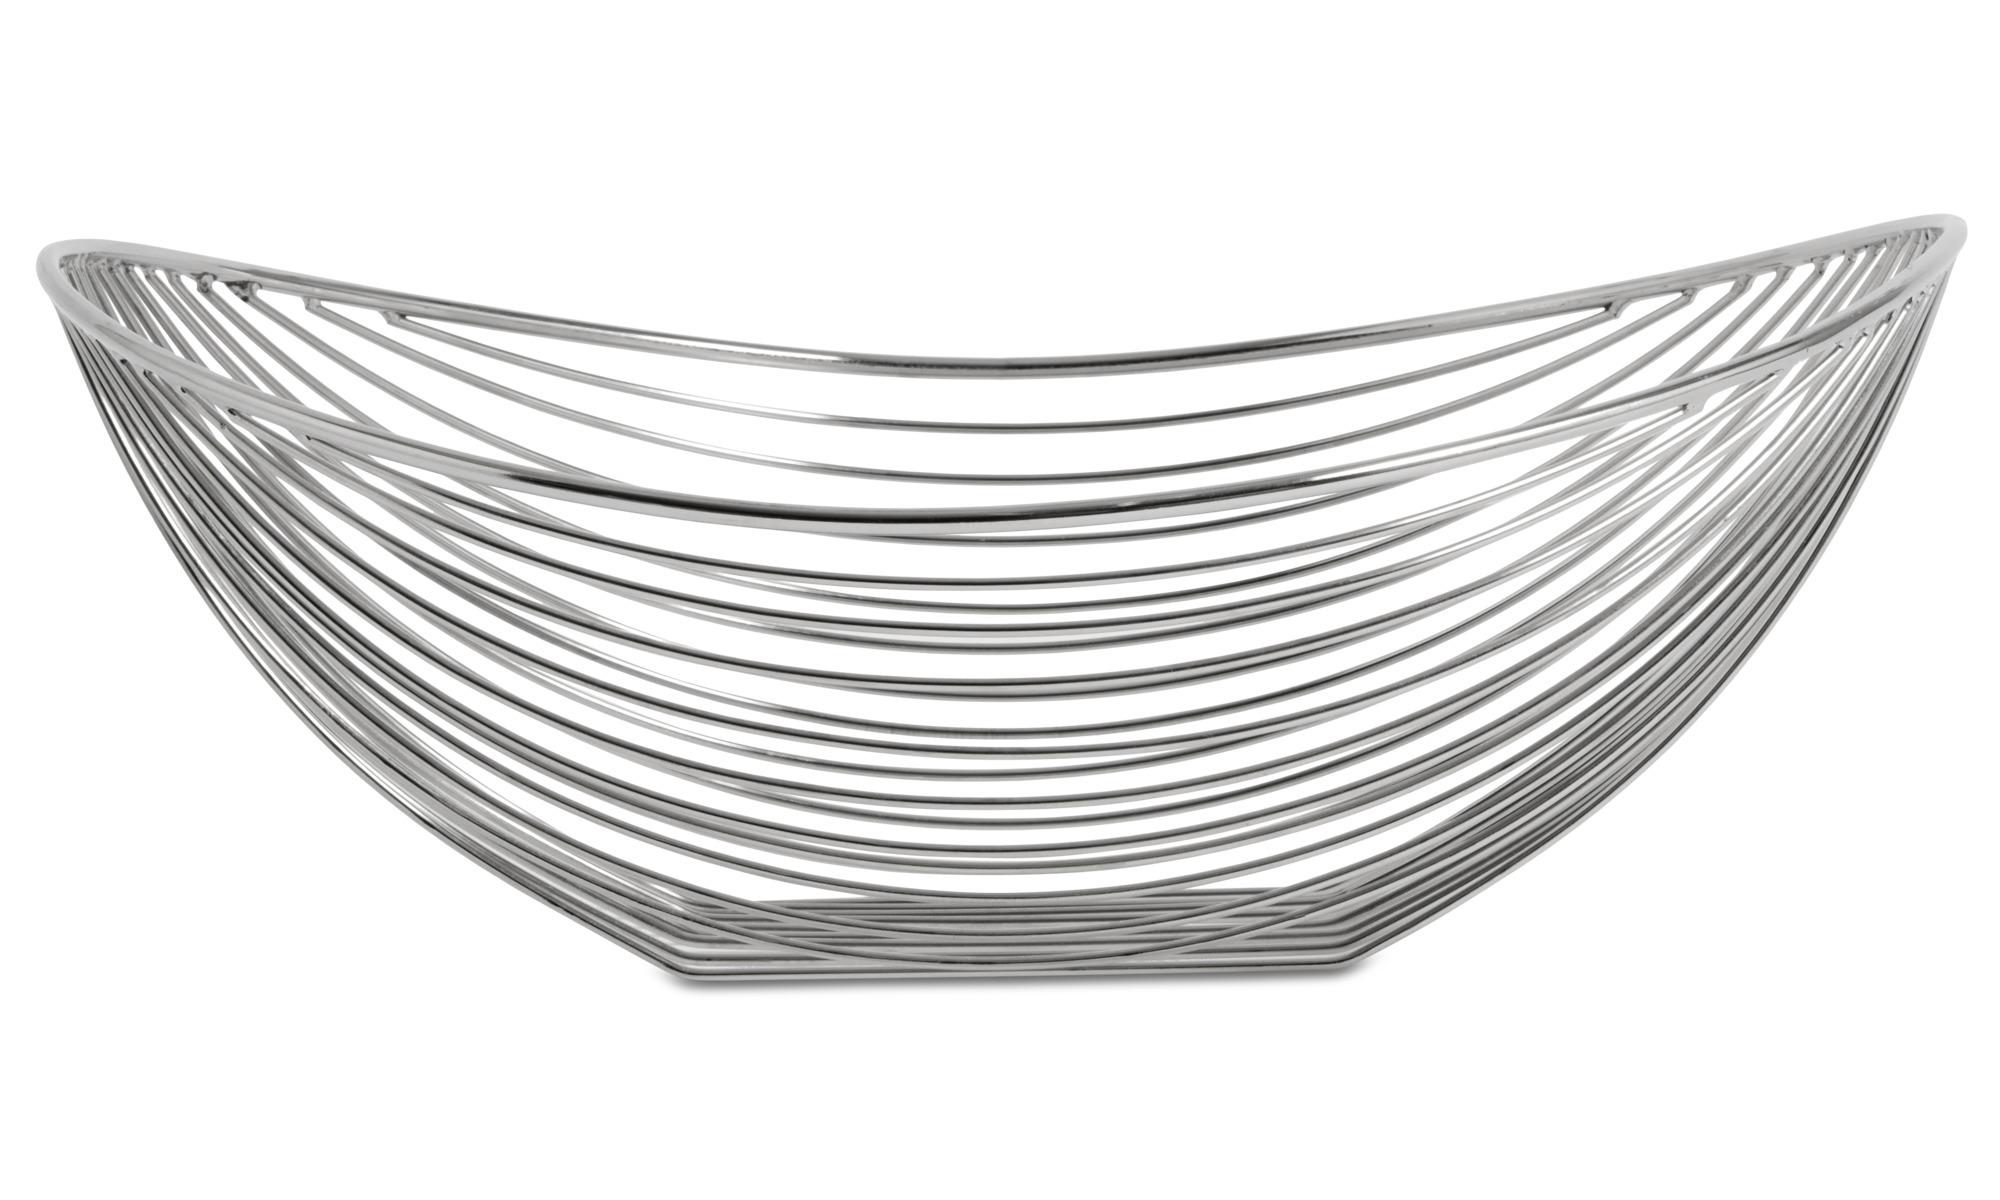 Decoratie - Line organic dish - Grijs - Metaal